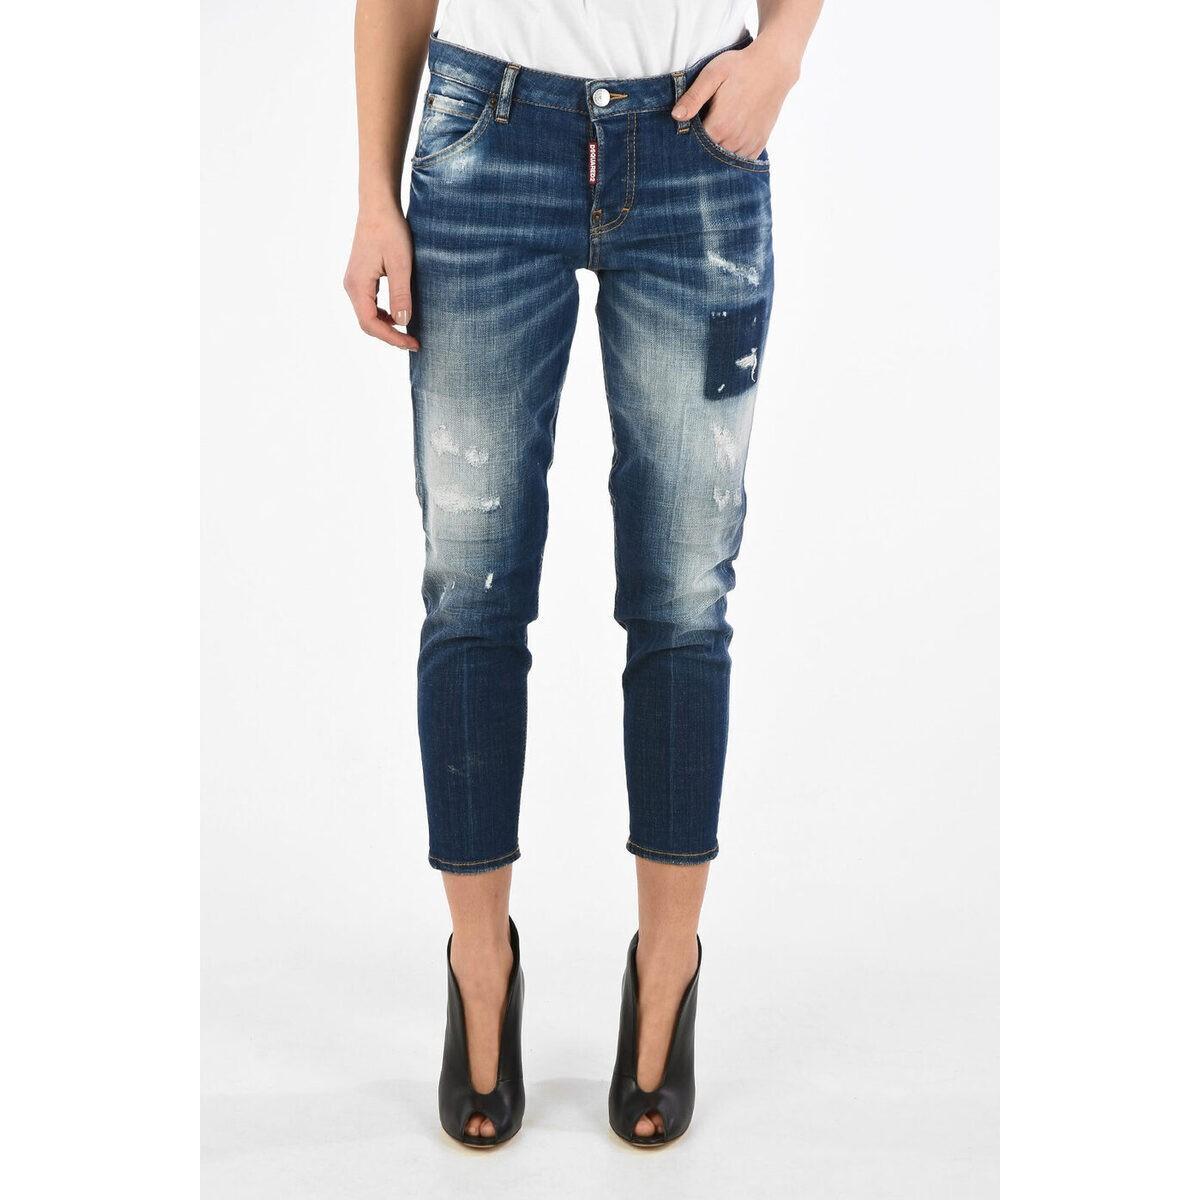 ボトムス, パンツ DSQUARED2 Blue Stonewashed HOCKNEY Jeans dk